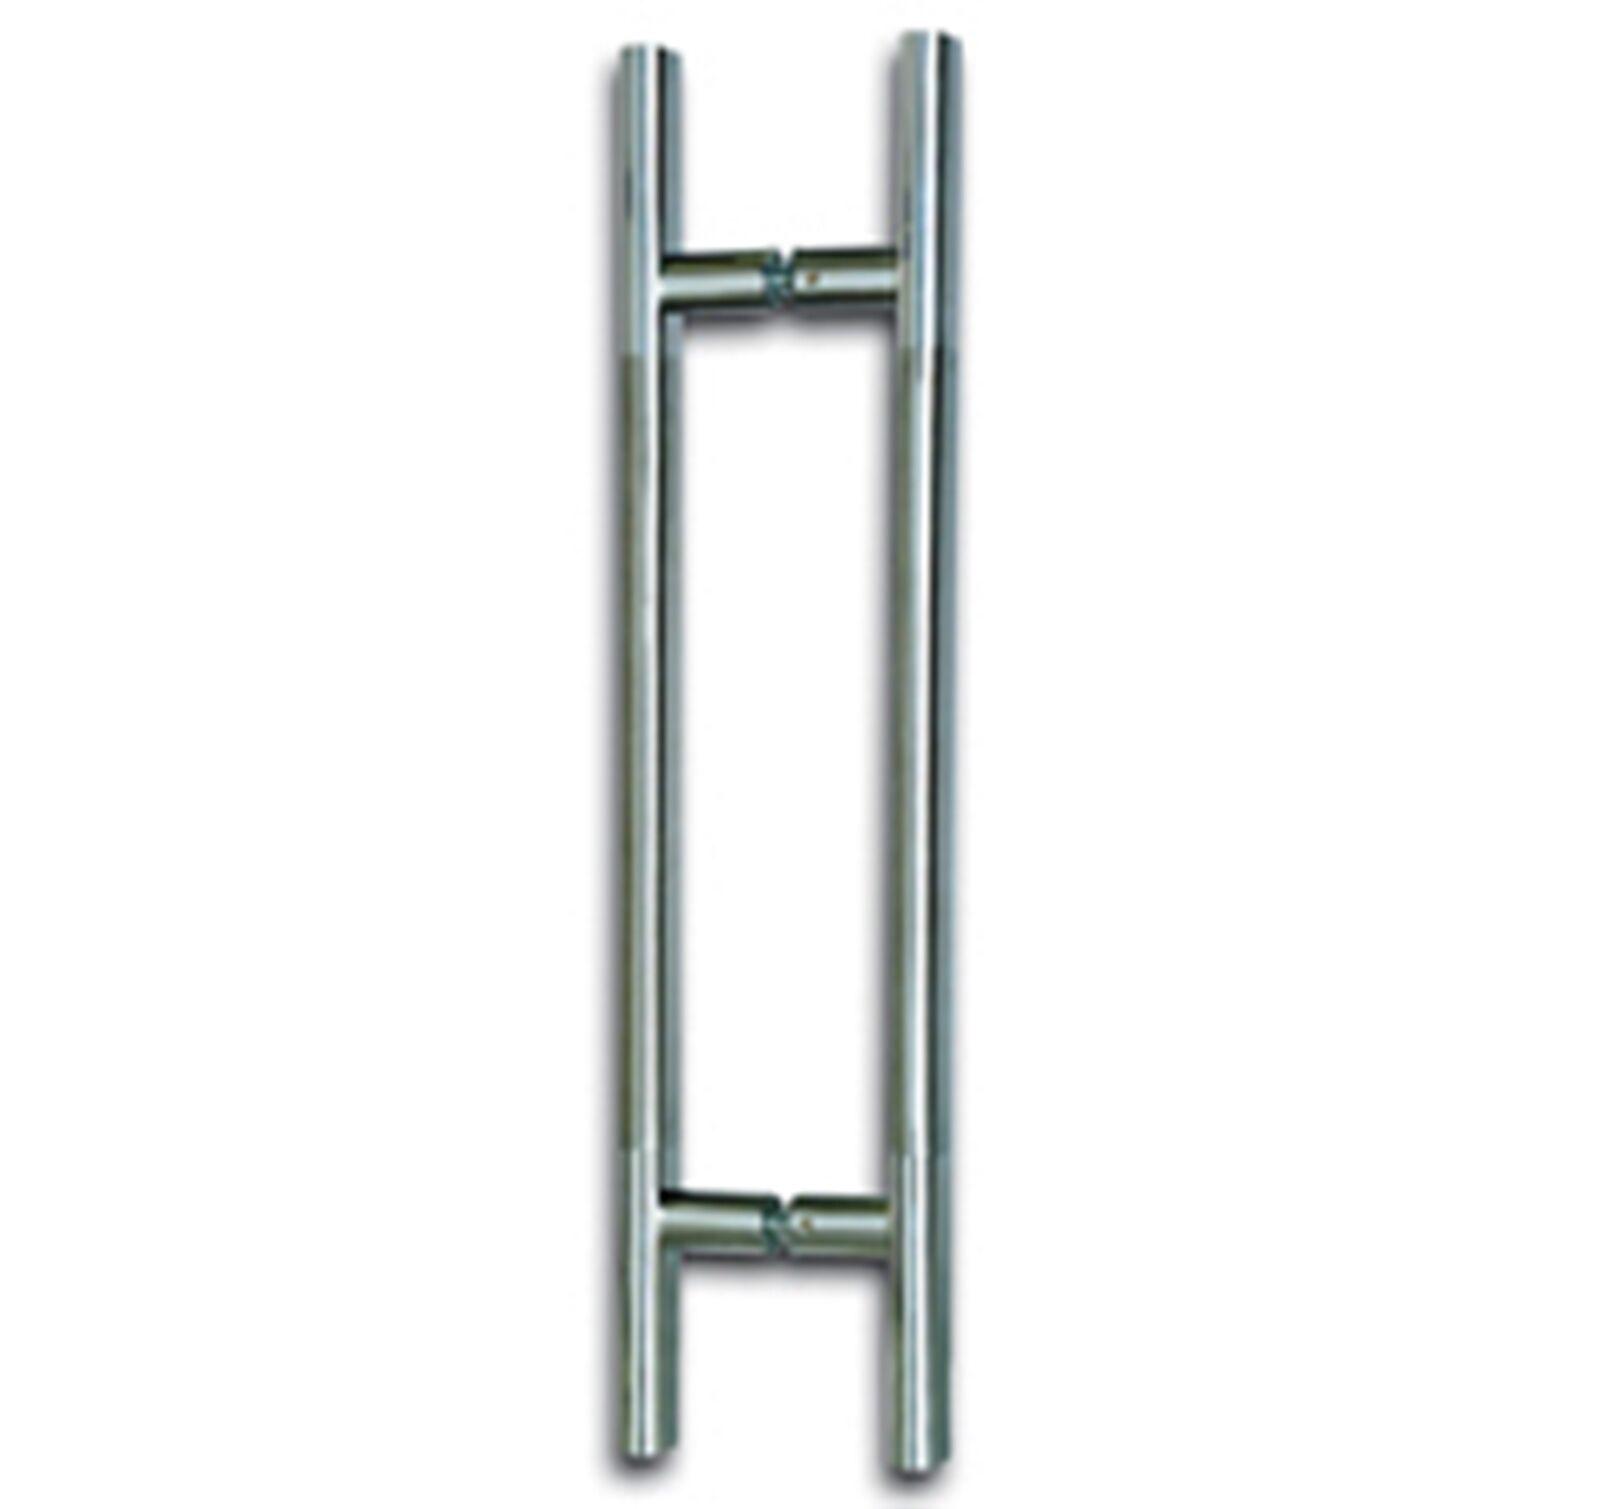 Türgriff für Ganzglastüren Griff -- Länge 60 cm --    Glastürgriff | Kompletter Spezifikationsbereich  | Deutschland Outlet  | Online  | Großer Verkauf